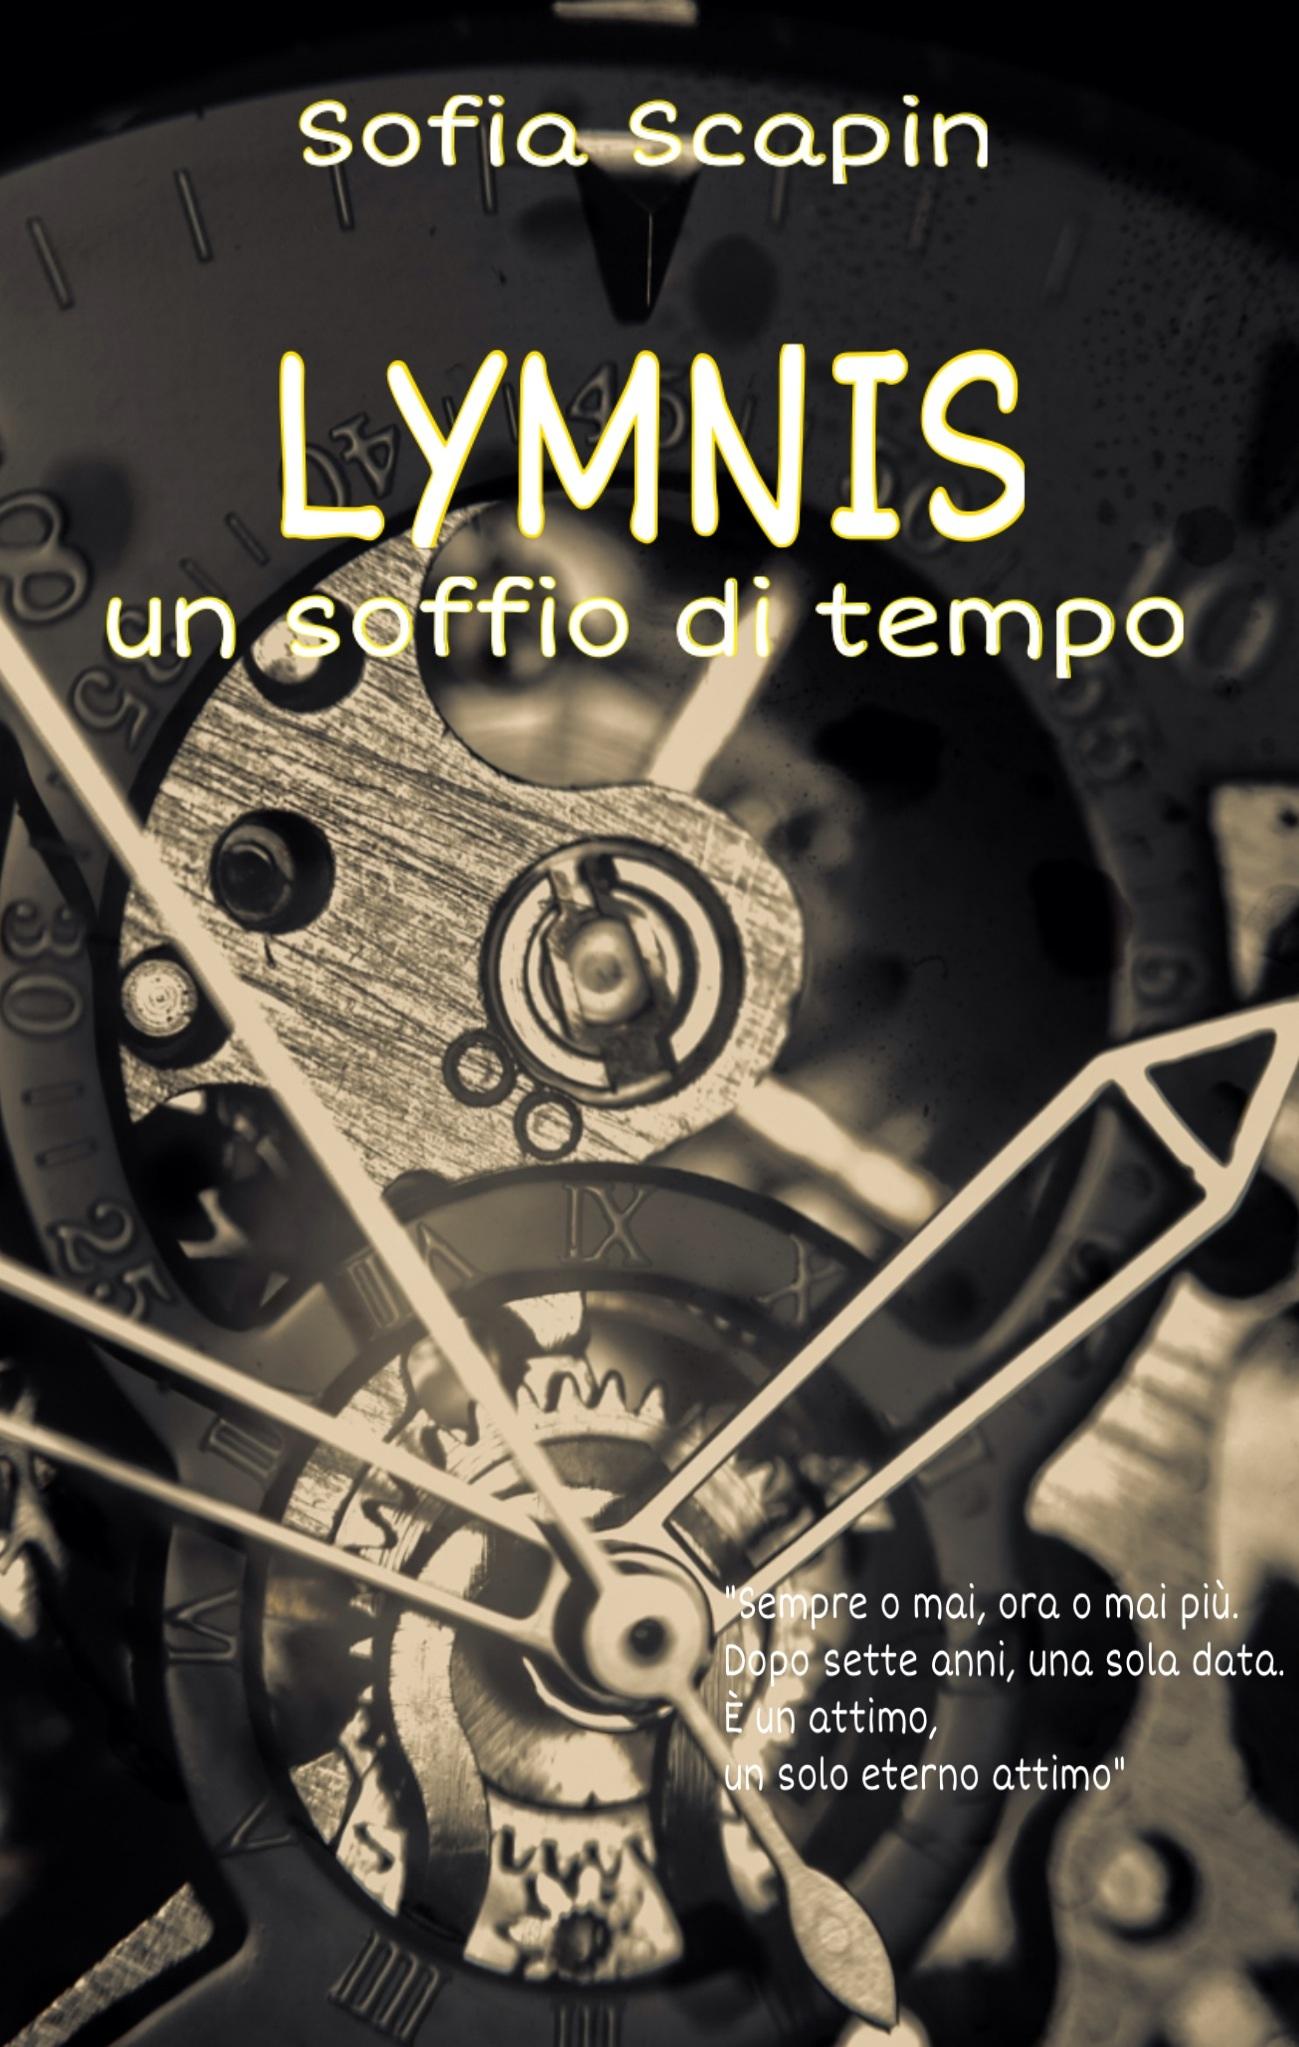 Lymnis sta per lemniscada, la formula matematica del simbolo dell'infinito (l'otto rovesciato orizzontalmente). Al contrario, il soffio di tempo dà l'idea opposta: non infinito, ma limitato in modo rigido e netto. È un mistero, il mistero del TEMPO